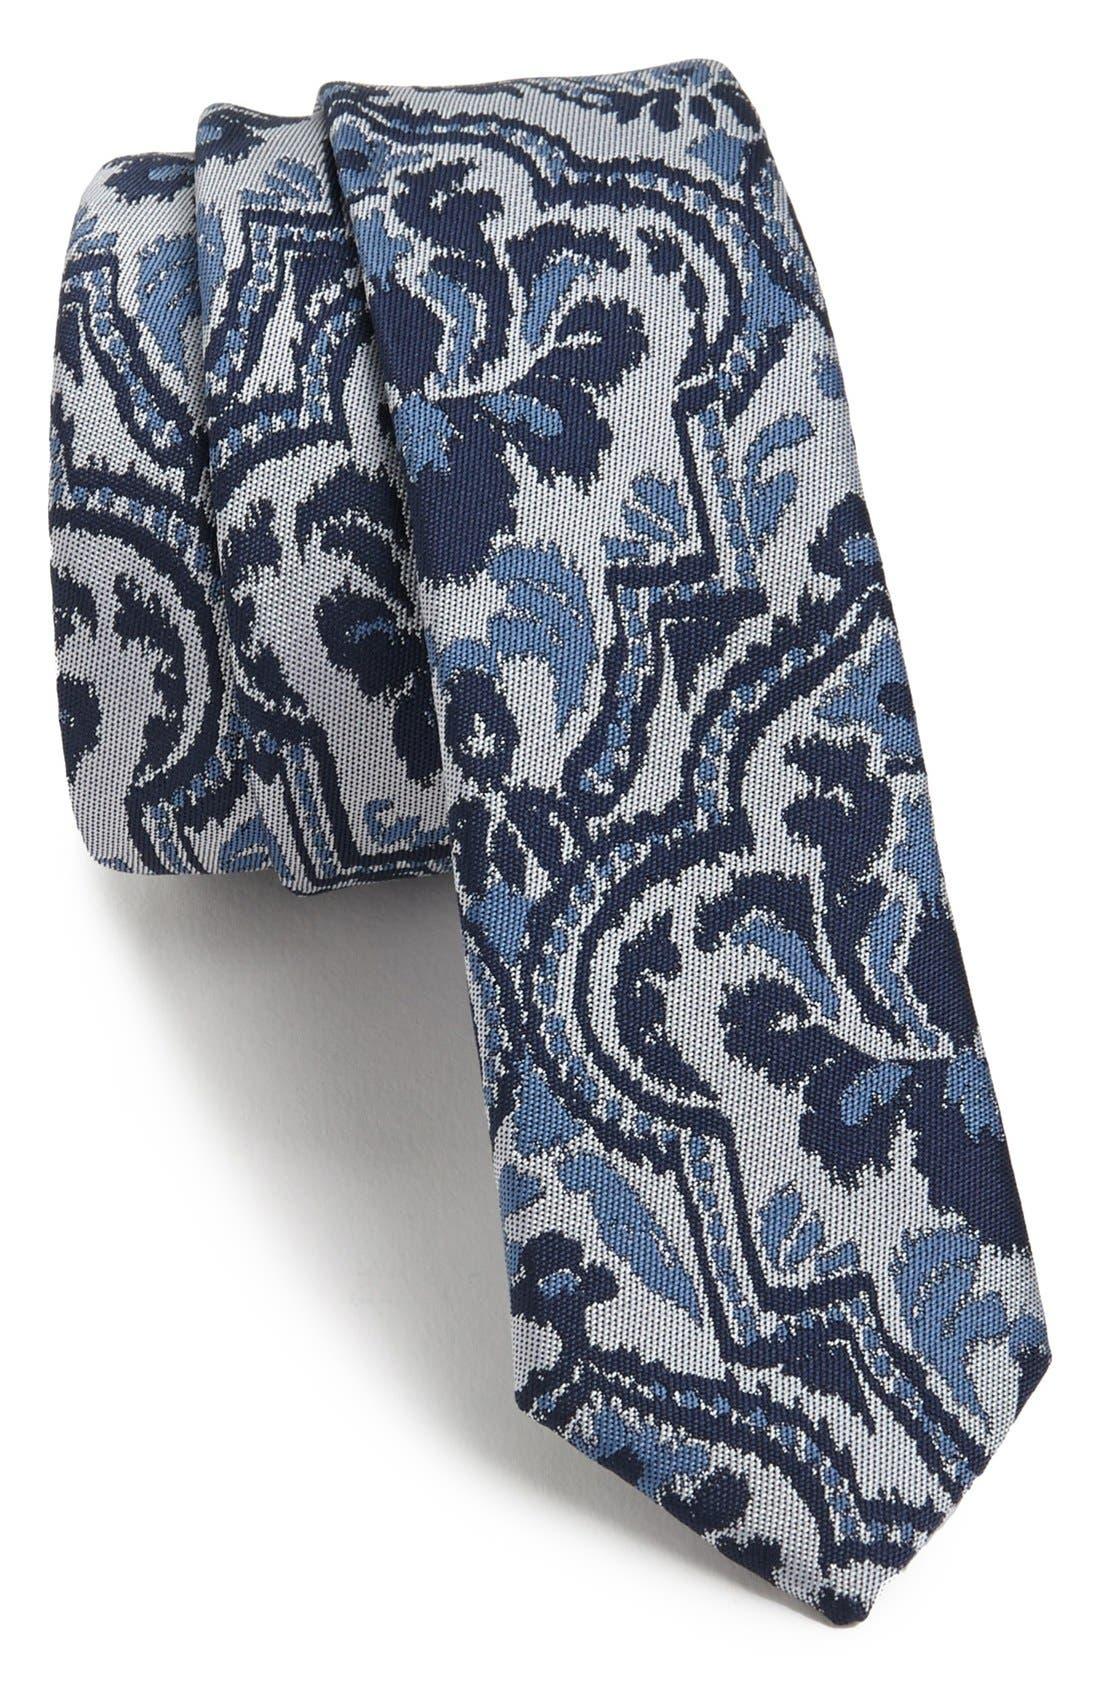 Alternate Image 1 Selected - Topman Paisley Tie